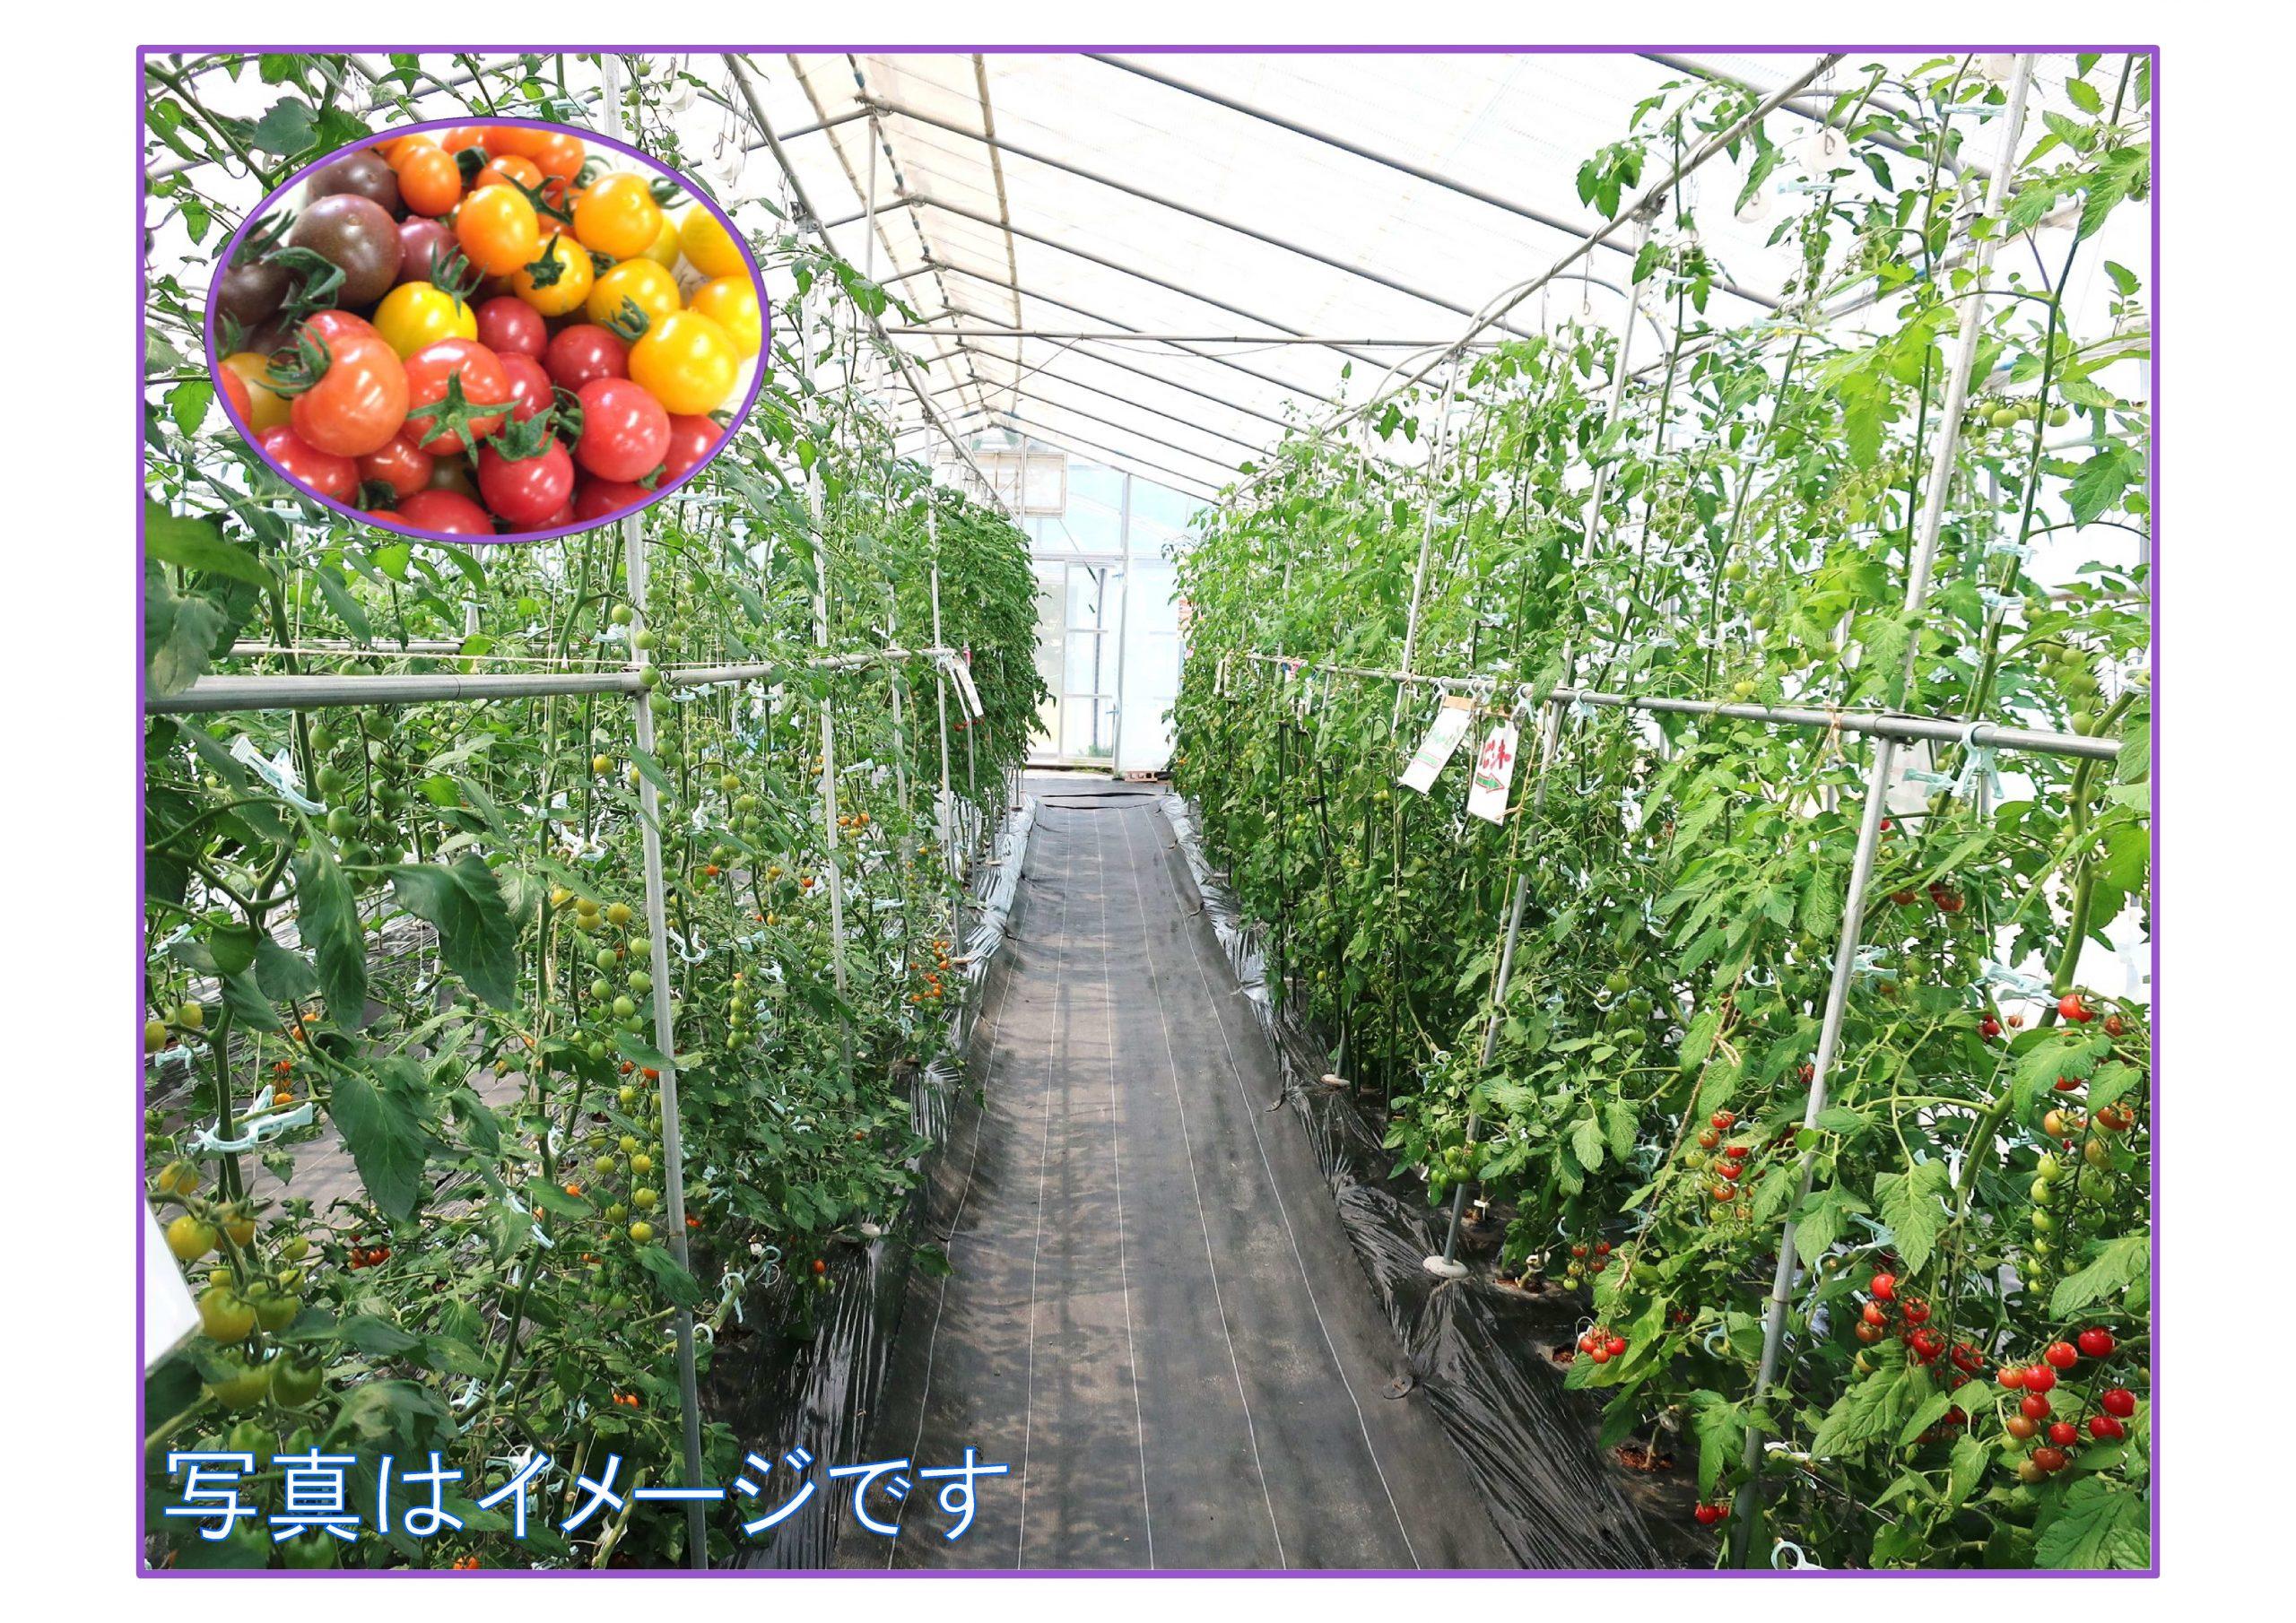 ビニールハウスでミニトマトを収穫しよう